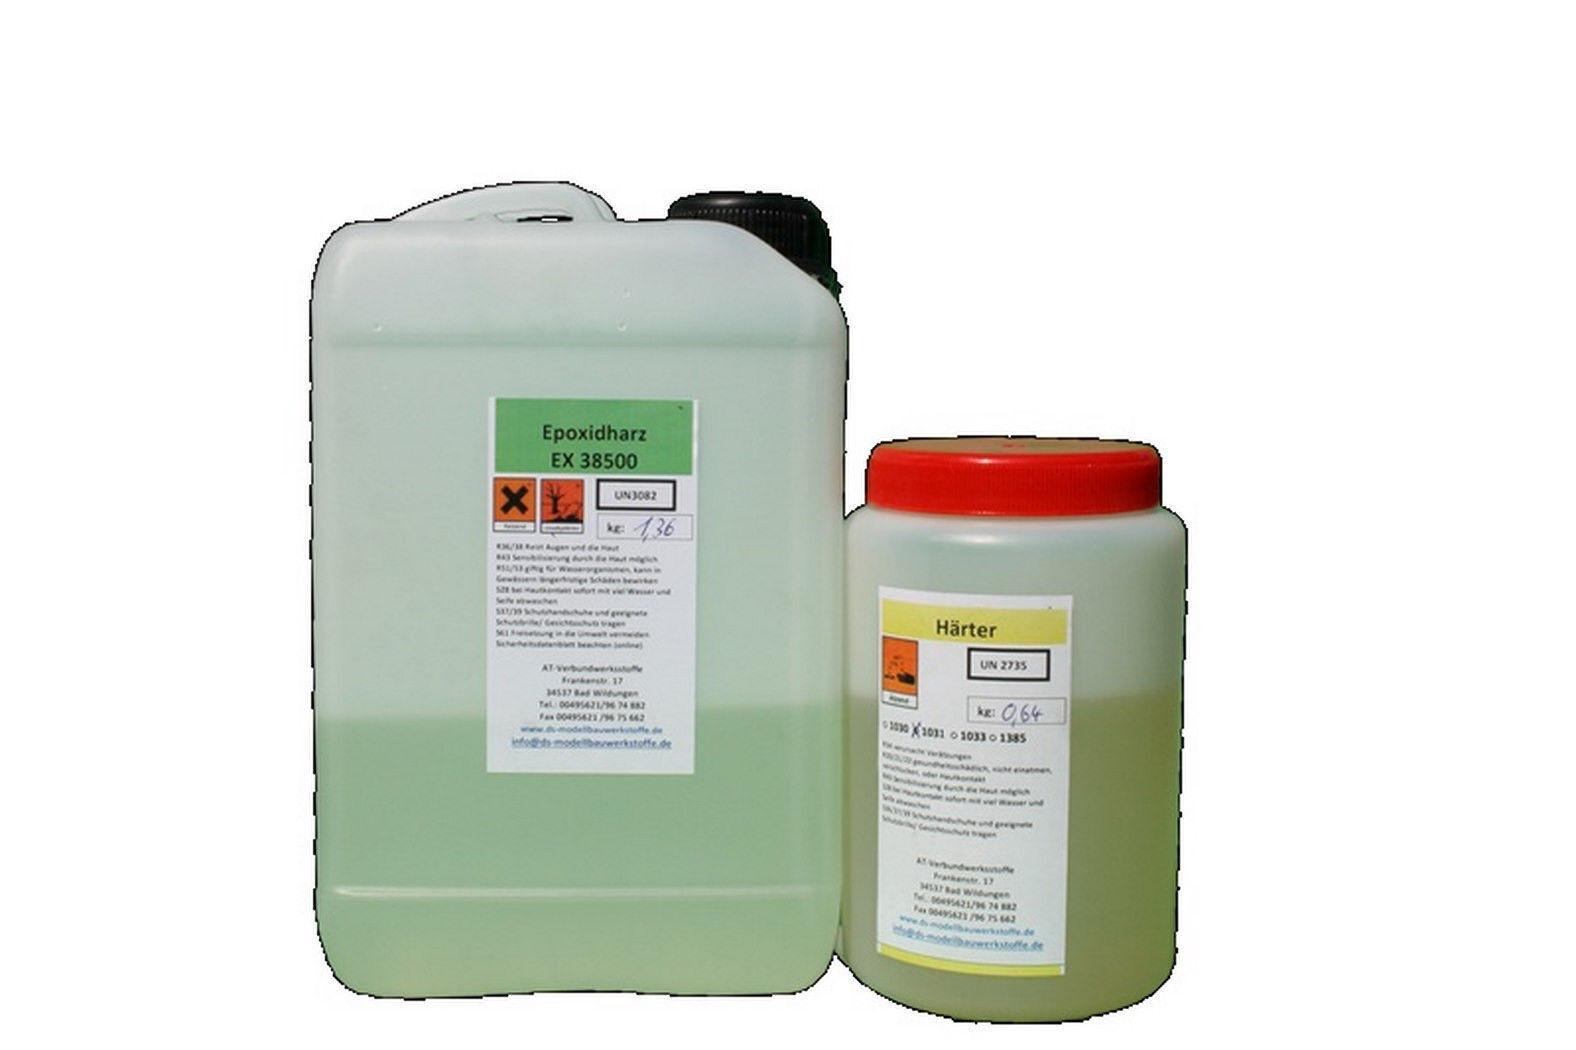 20 kg Laminierharz Laminierharz Laminierharz AT-EL60 Epoxidharz für Laminate aus Glas-und Carbonfasern b67105